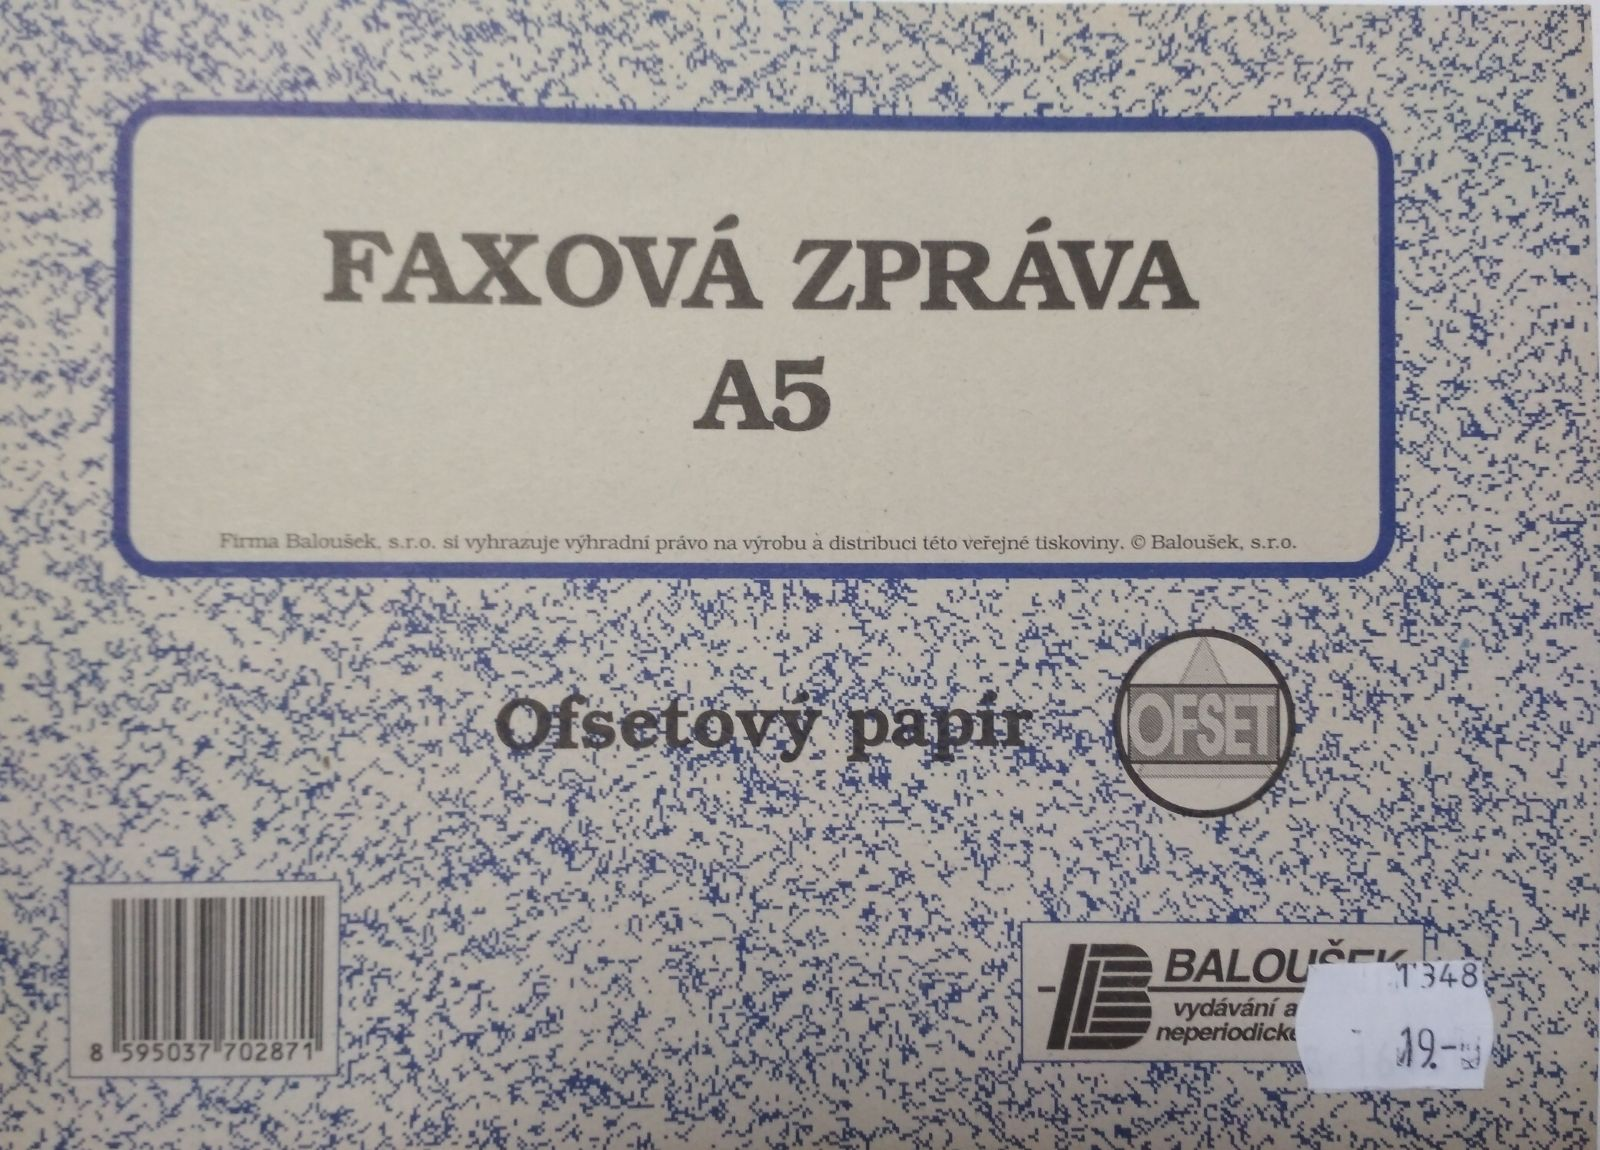 Faxová zpráva